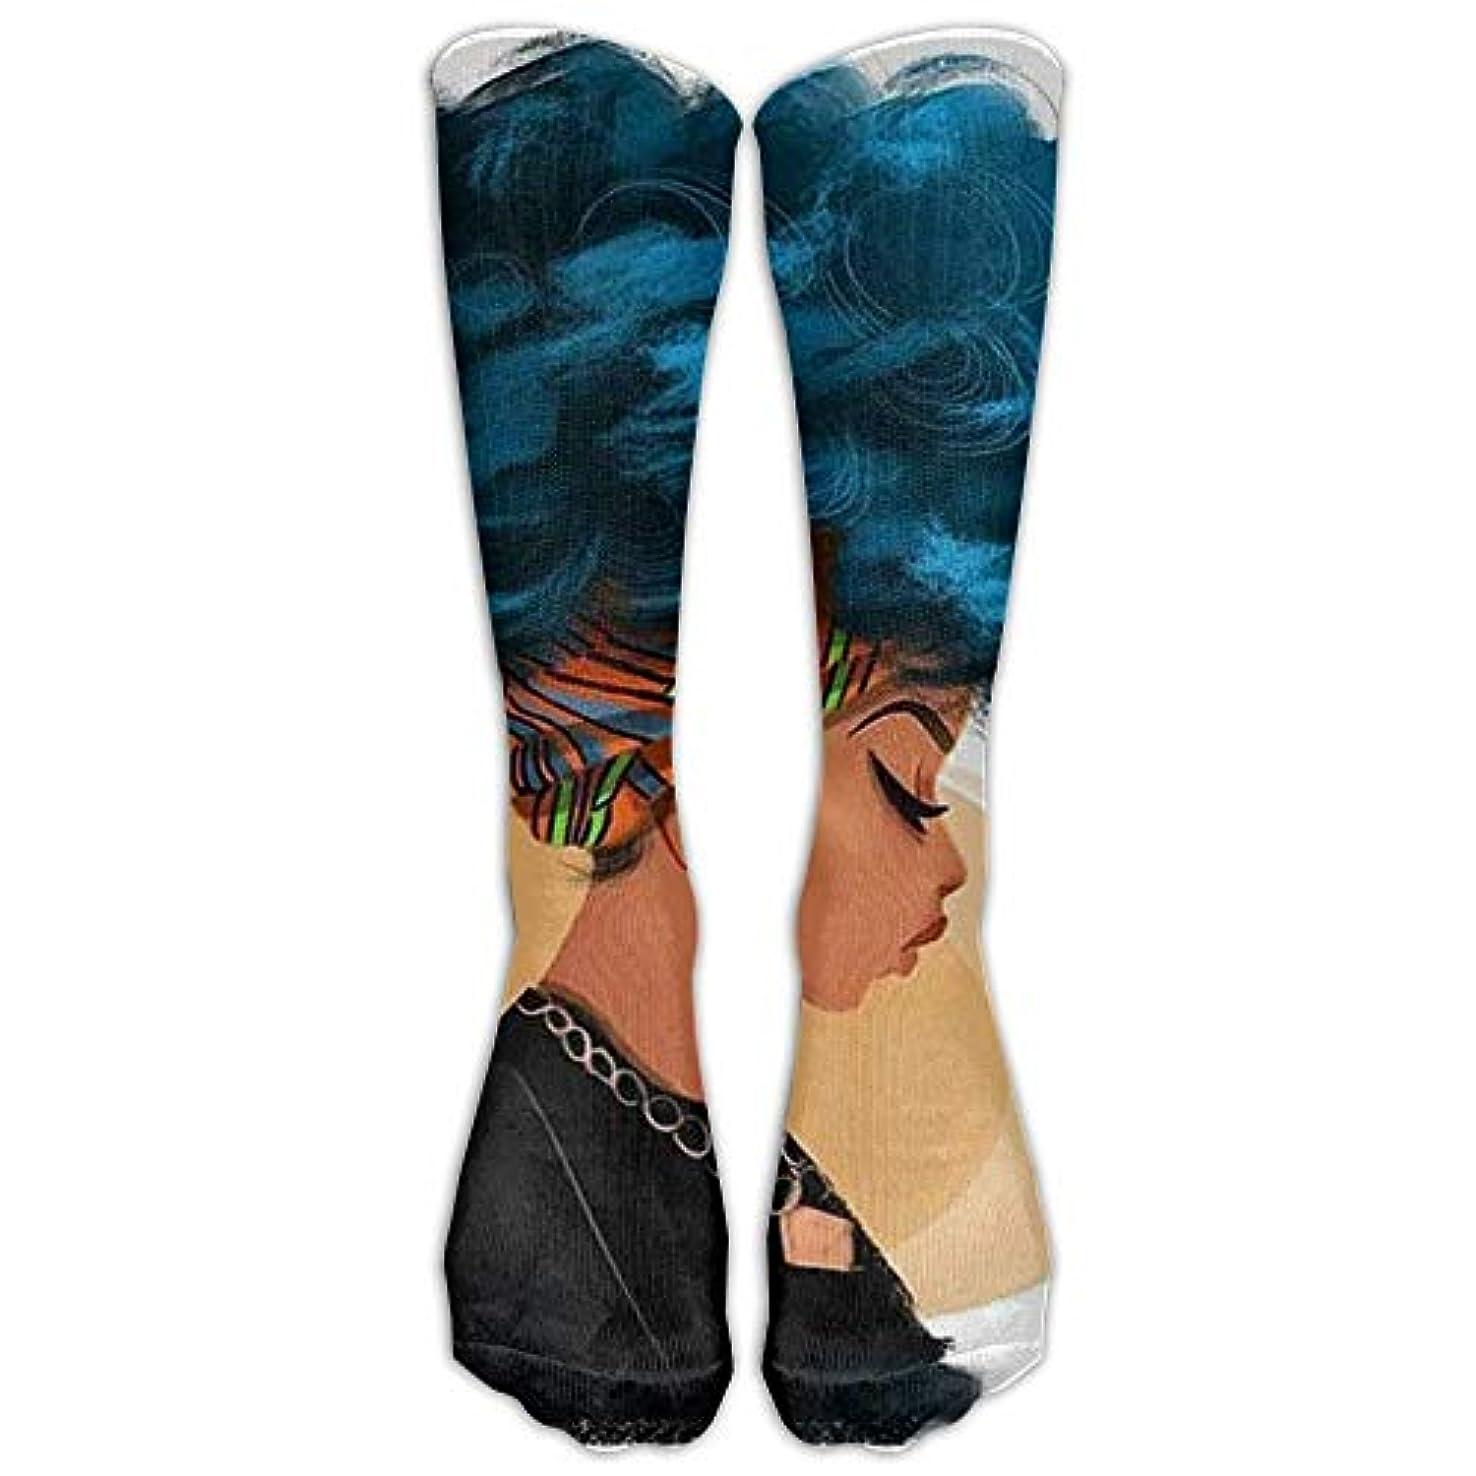 津波想像力豊かな遷移Perfect Gifts - African American Black Women Painting Print Stockings Breathable Hiking Socks Classics Socks For...